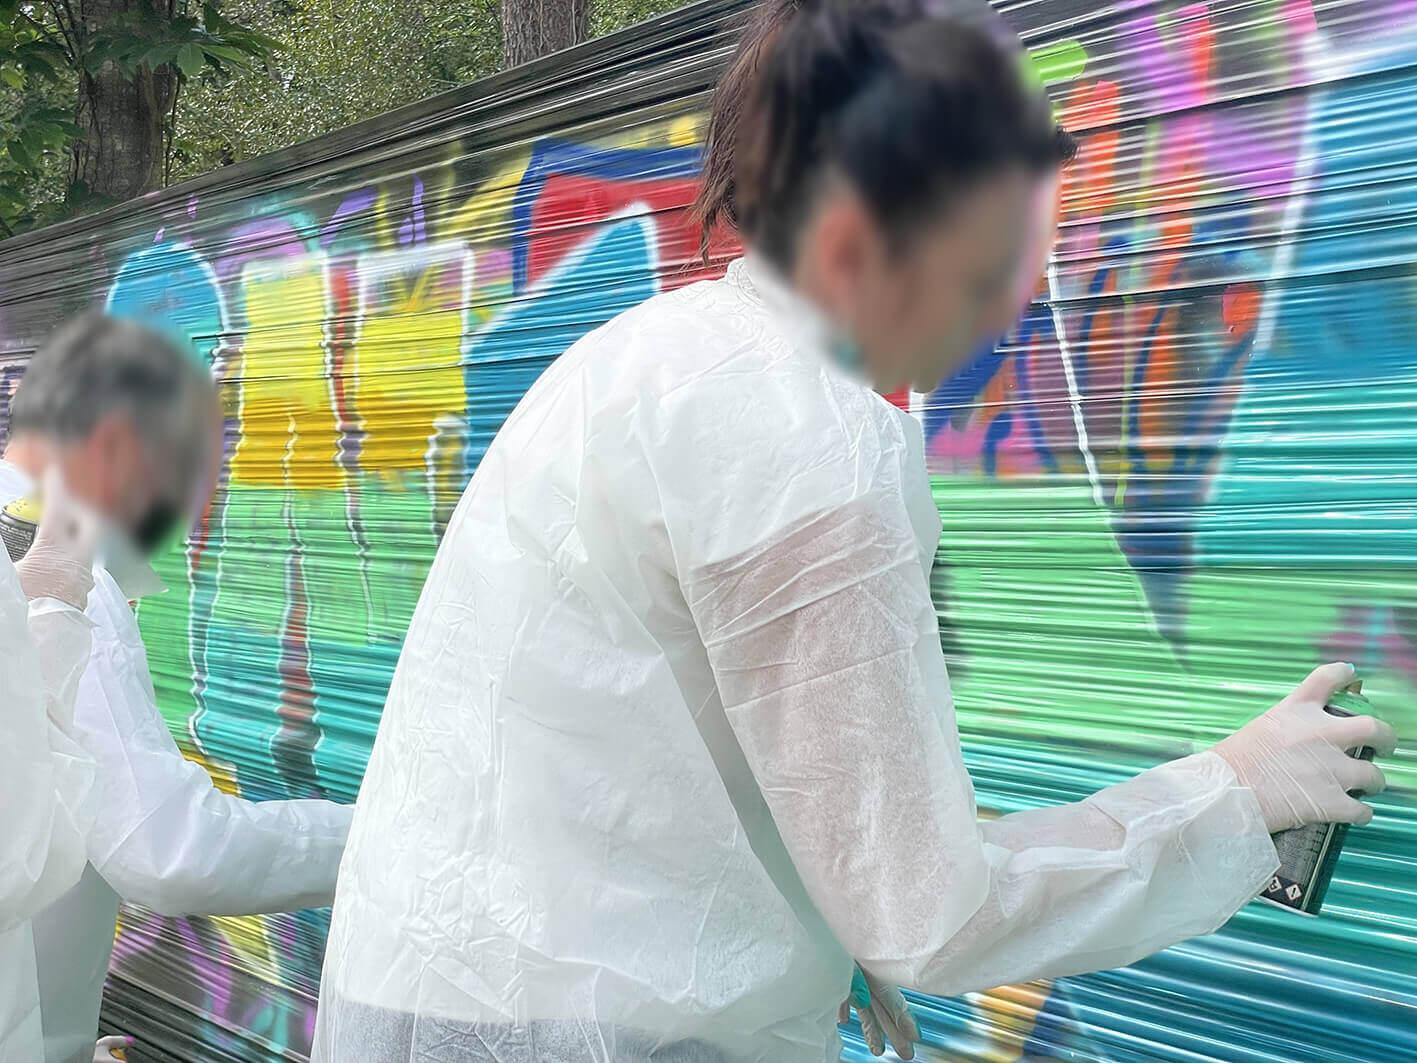 graffeuse en train de peindre une toile